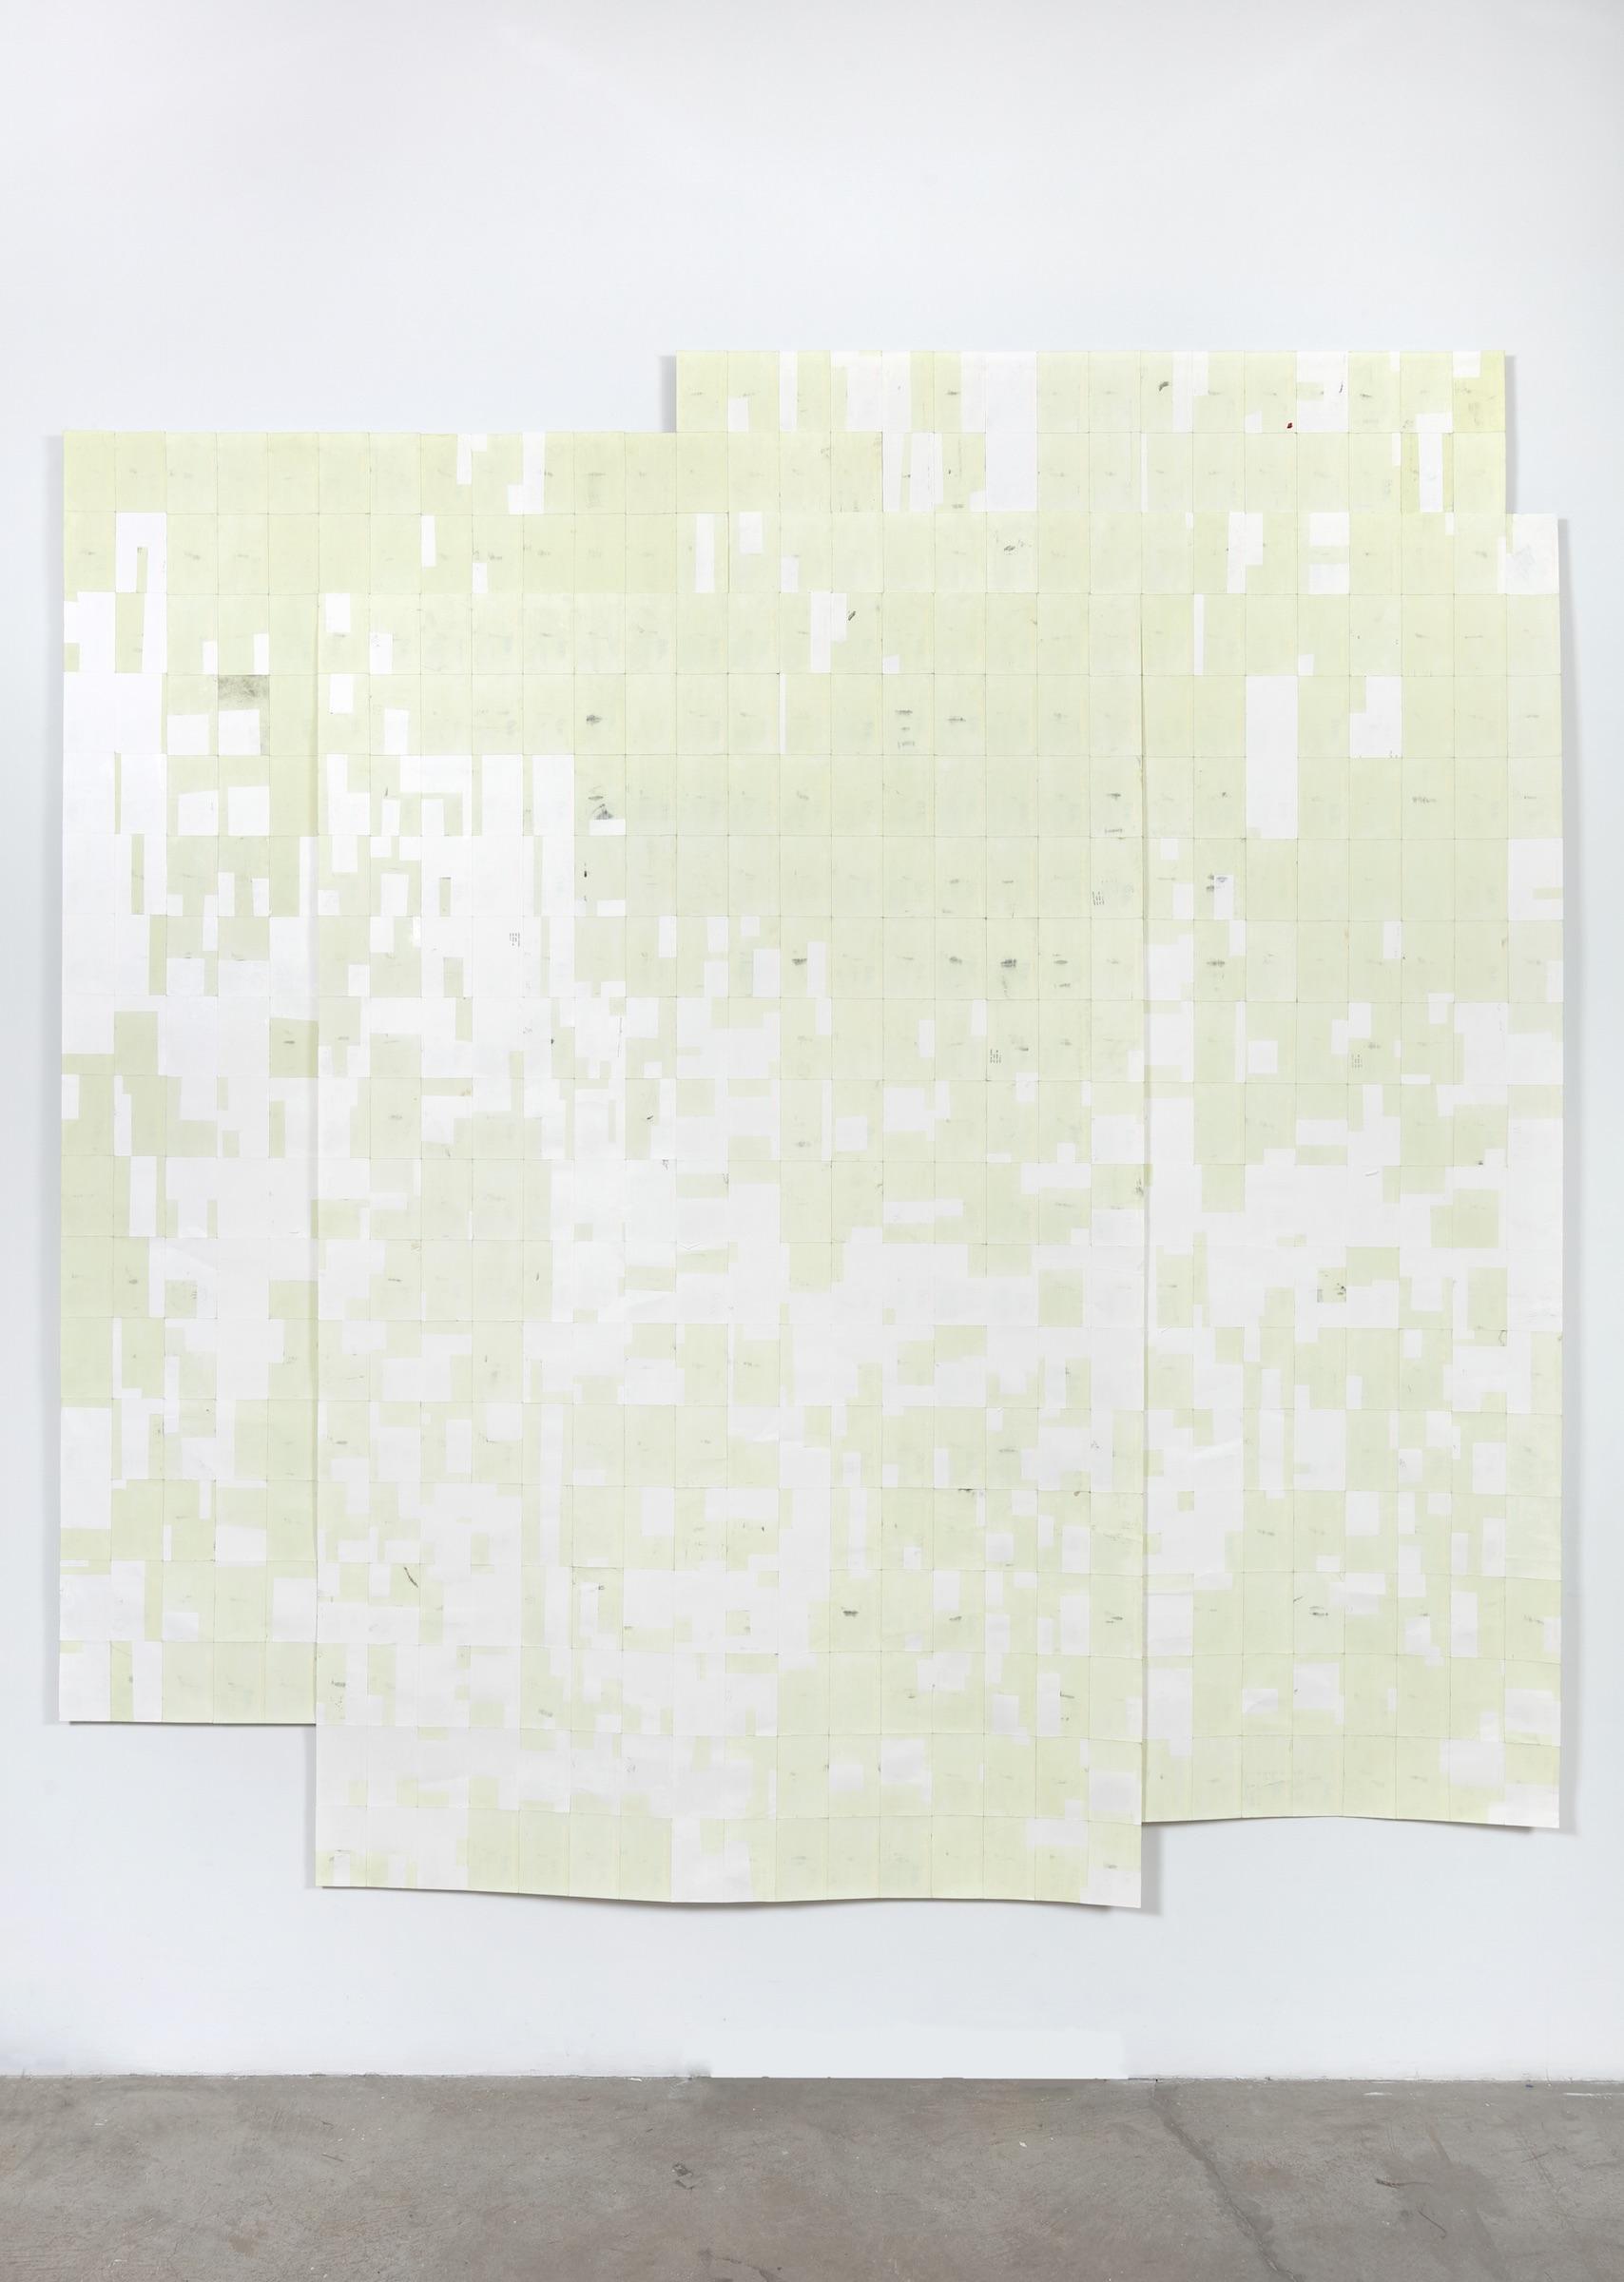 Agnes Lux, Hiver ete lies #1 , 2016, phosphorescent paint on postcards, 104.72 × 101.4 in. (light view)